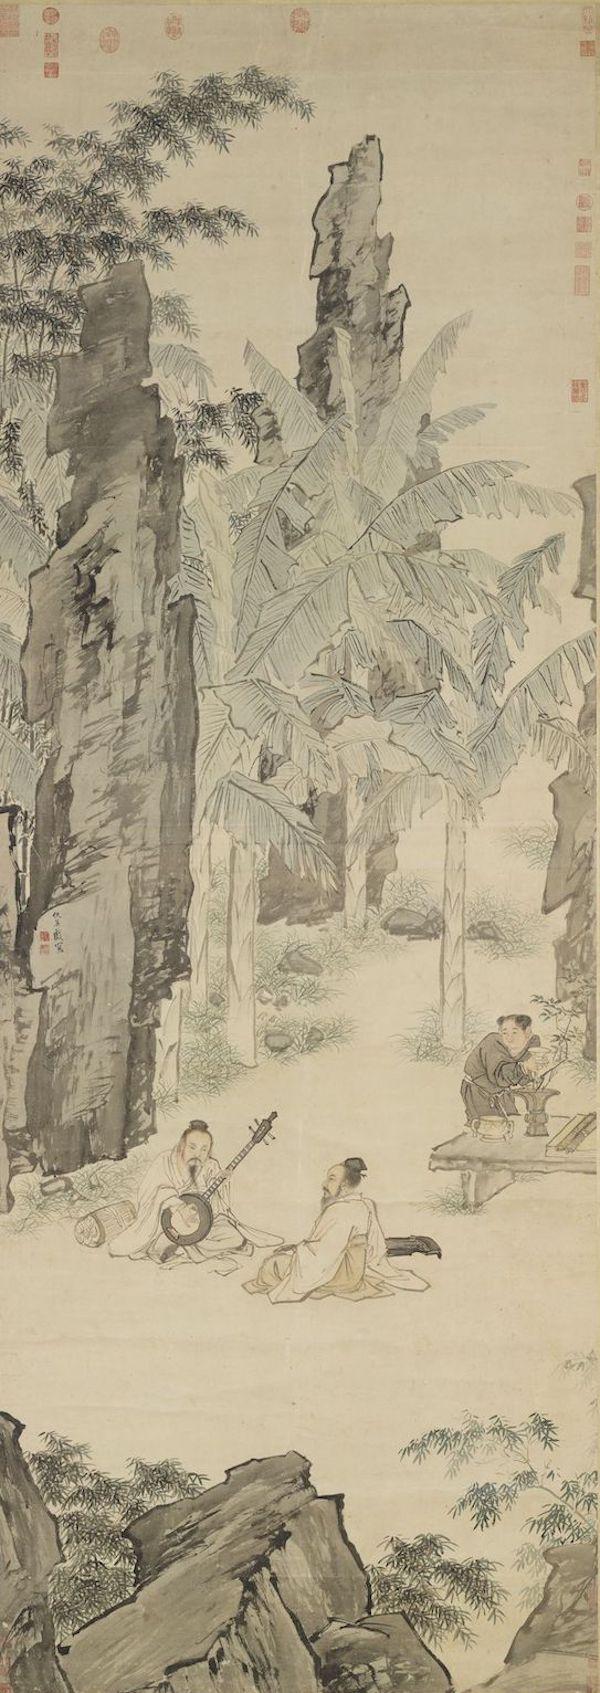 明 仇英 《蕉阴结夏图》 台北故宫博物院藏